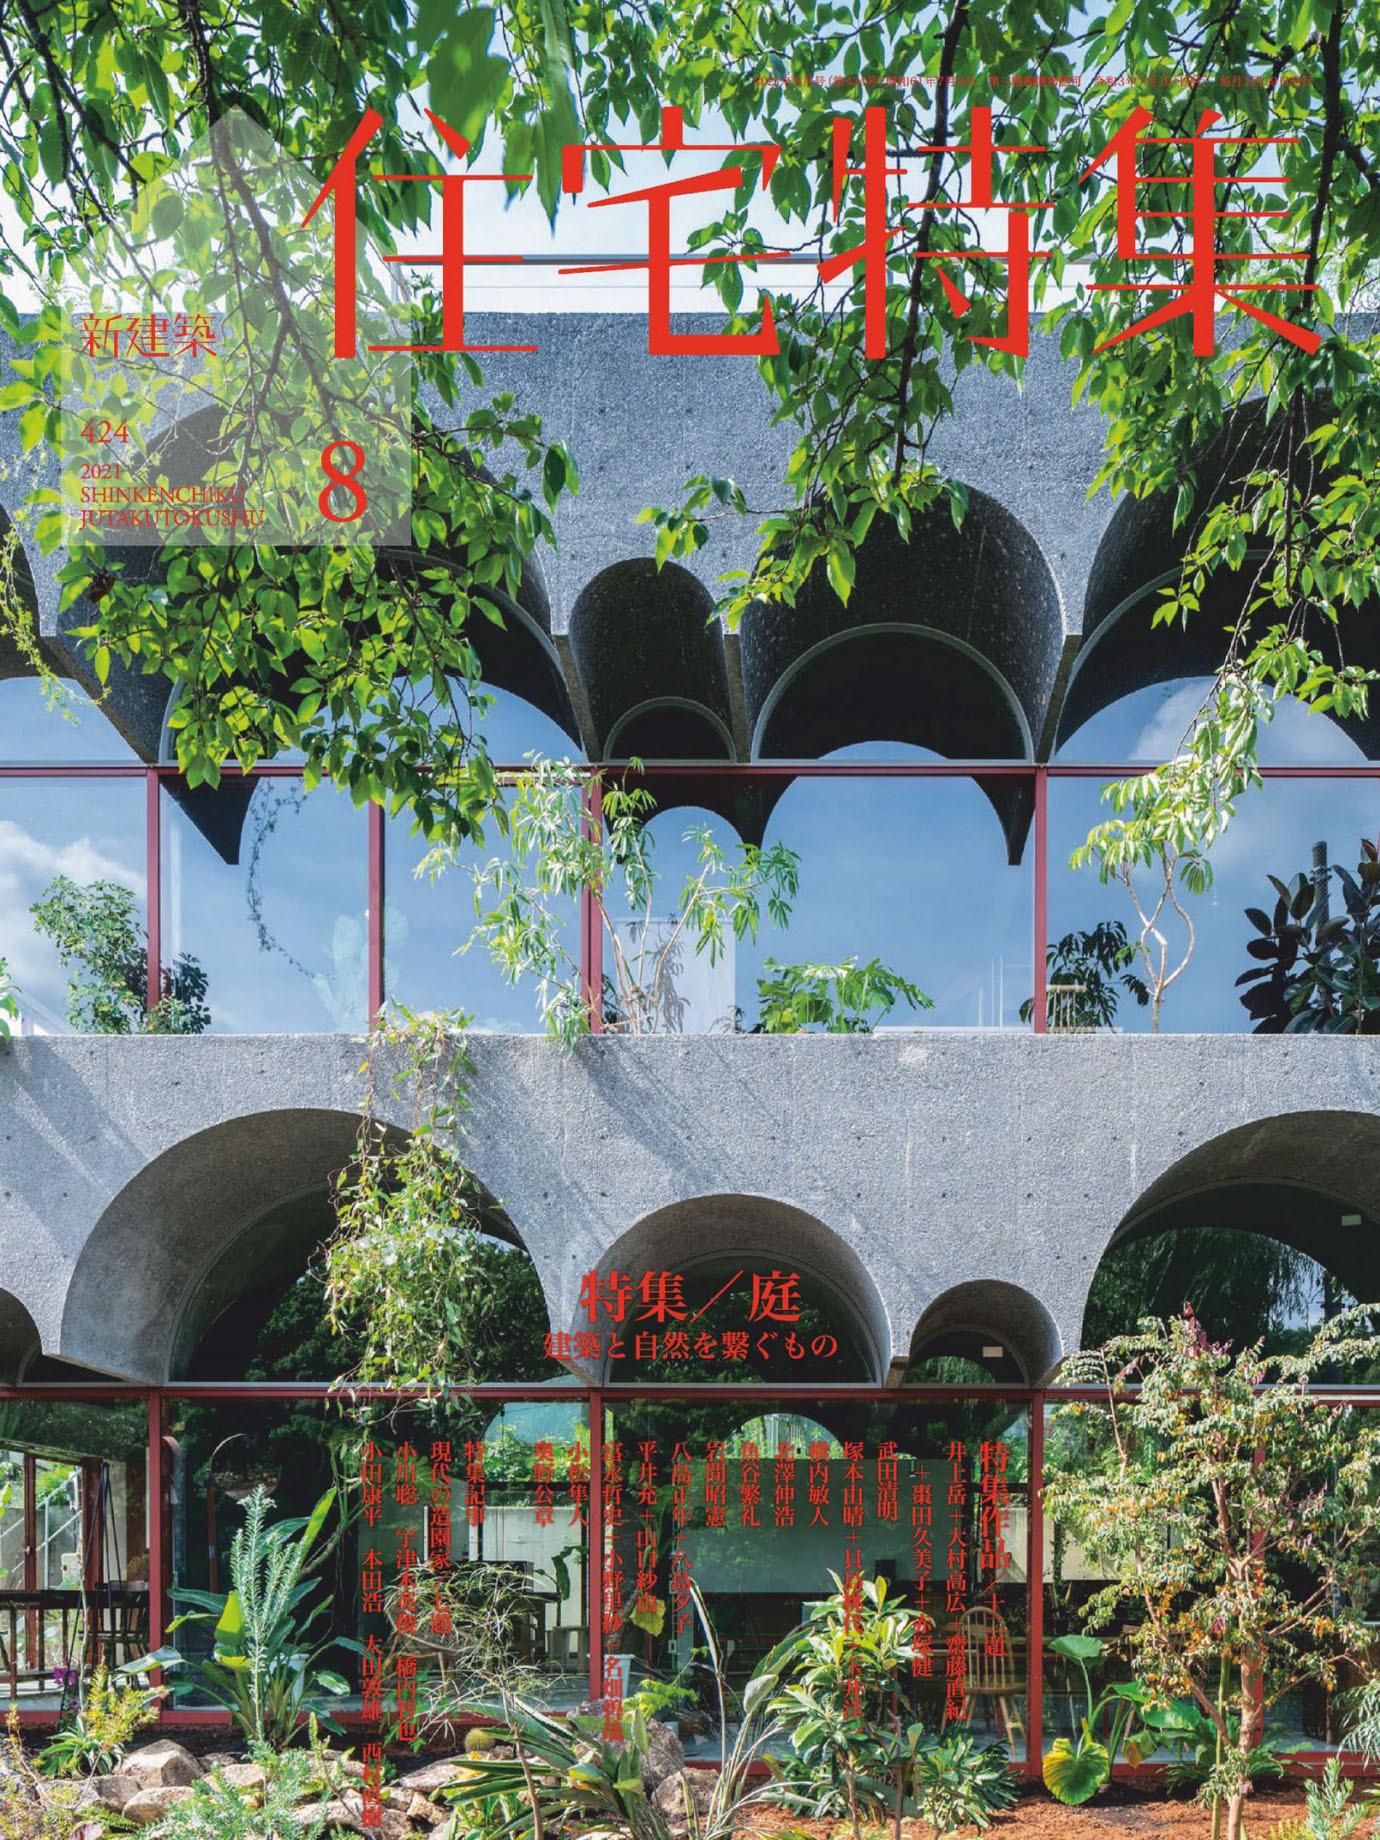 《新建築住宅特集Jutakutokushu》日本版店面室内设计杂志2021年08月号